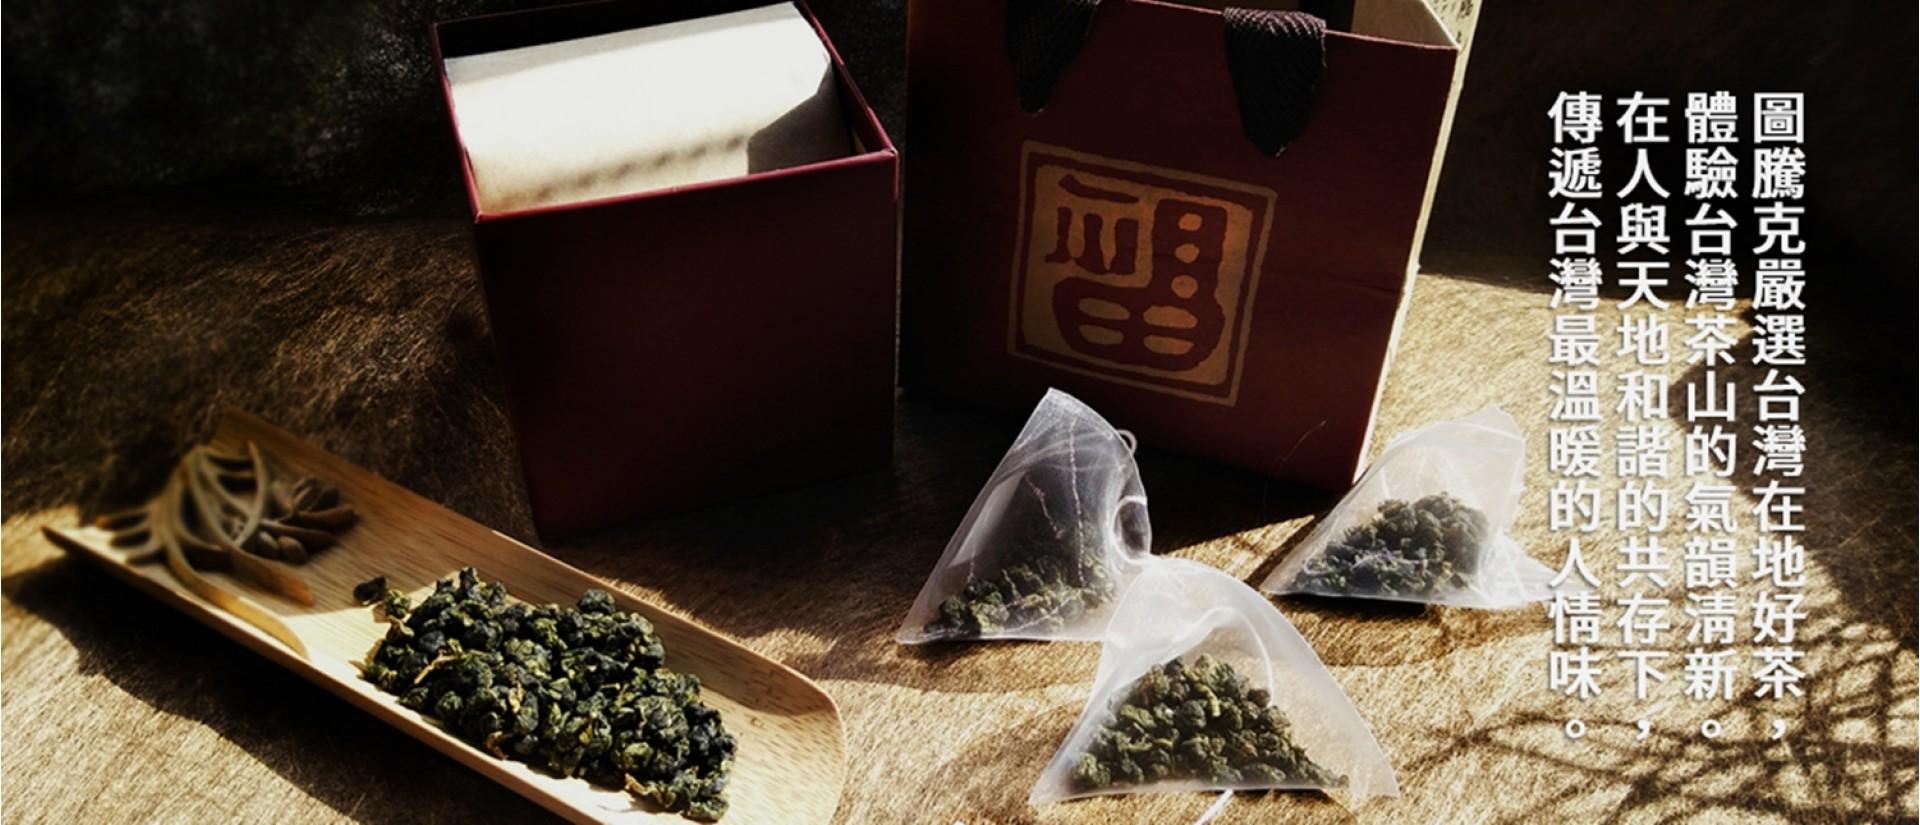 圖騰克/茶/台灣/台灣茶/台灣高山茶/ 茶葉/茶包/茶禮盒/禮物/企業贈禮/烏龍茶 /普洱茶/生茶/熟茶/紅茶/茶藝/茶文化/